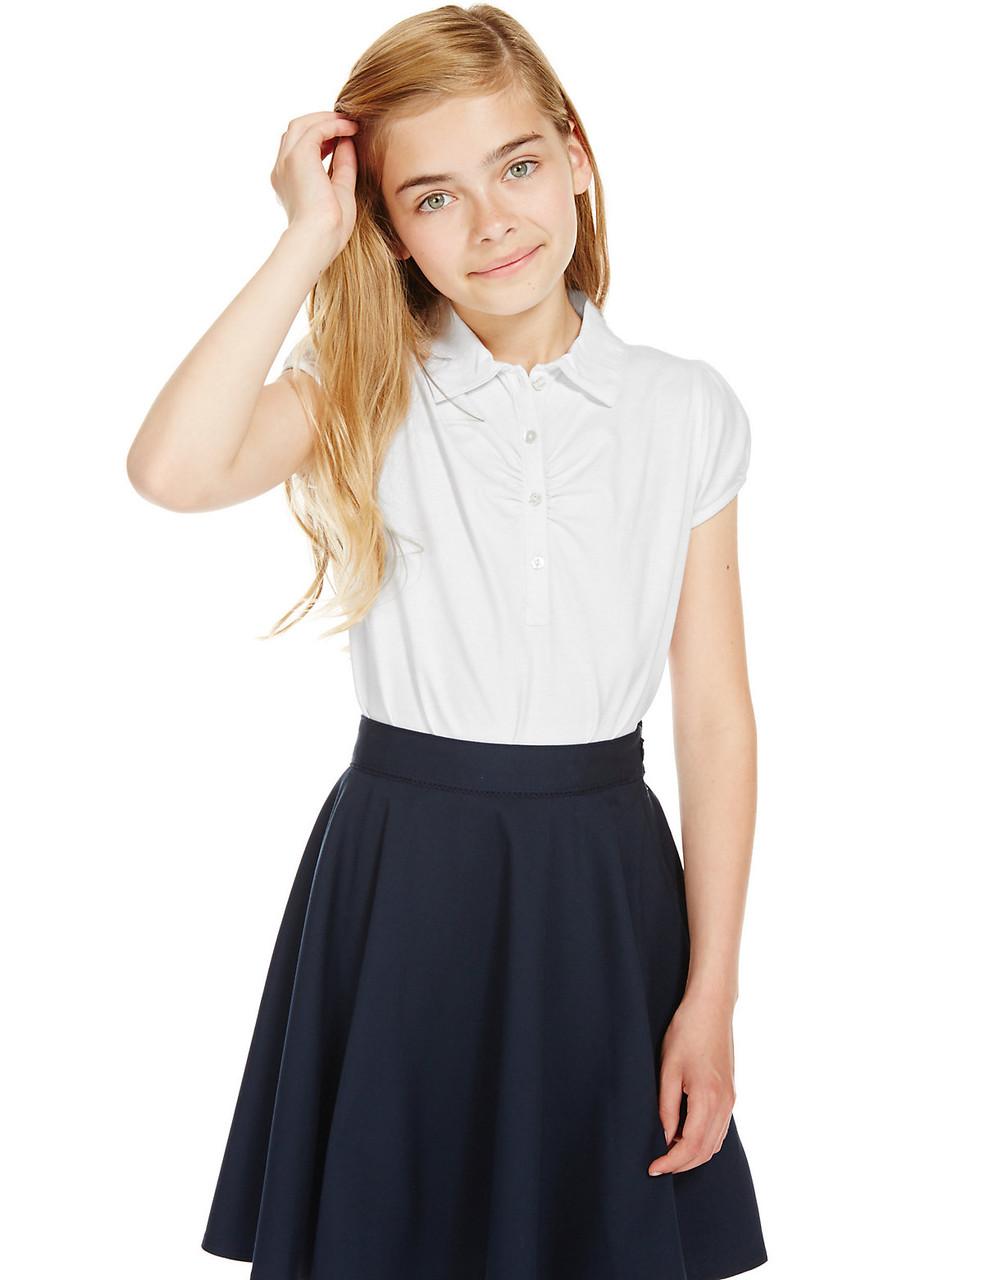 Купить Школьные Блузки На Девочку